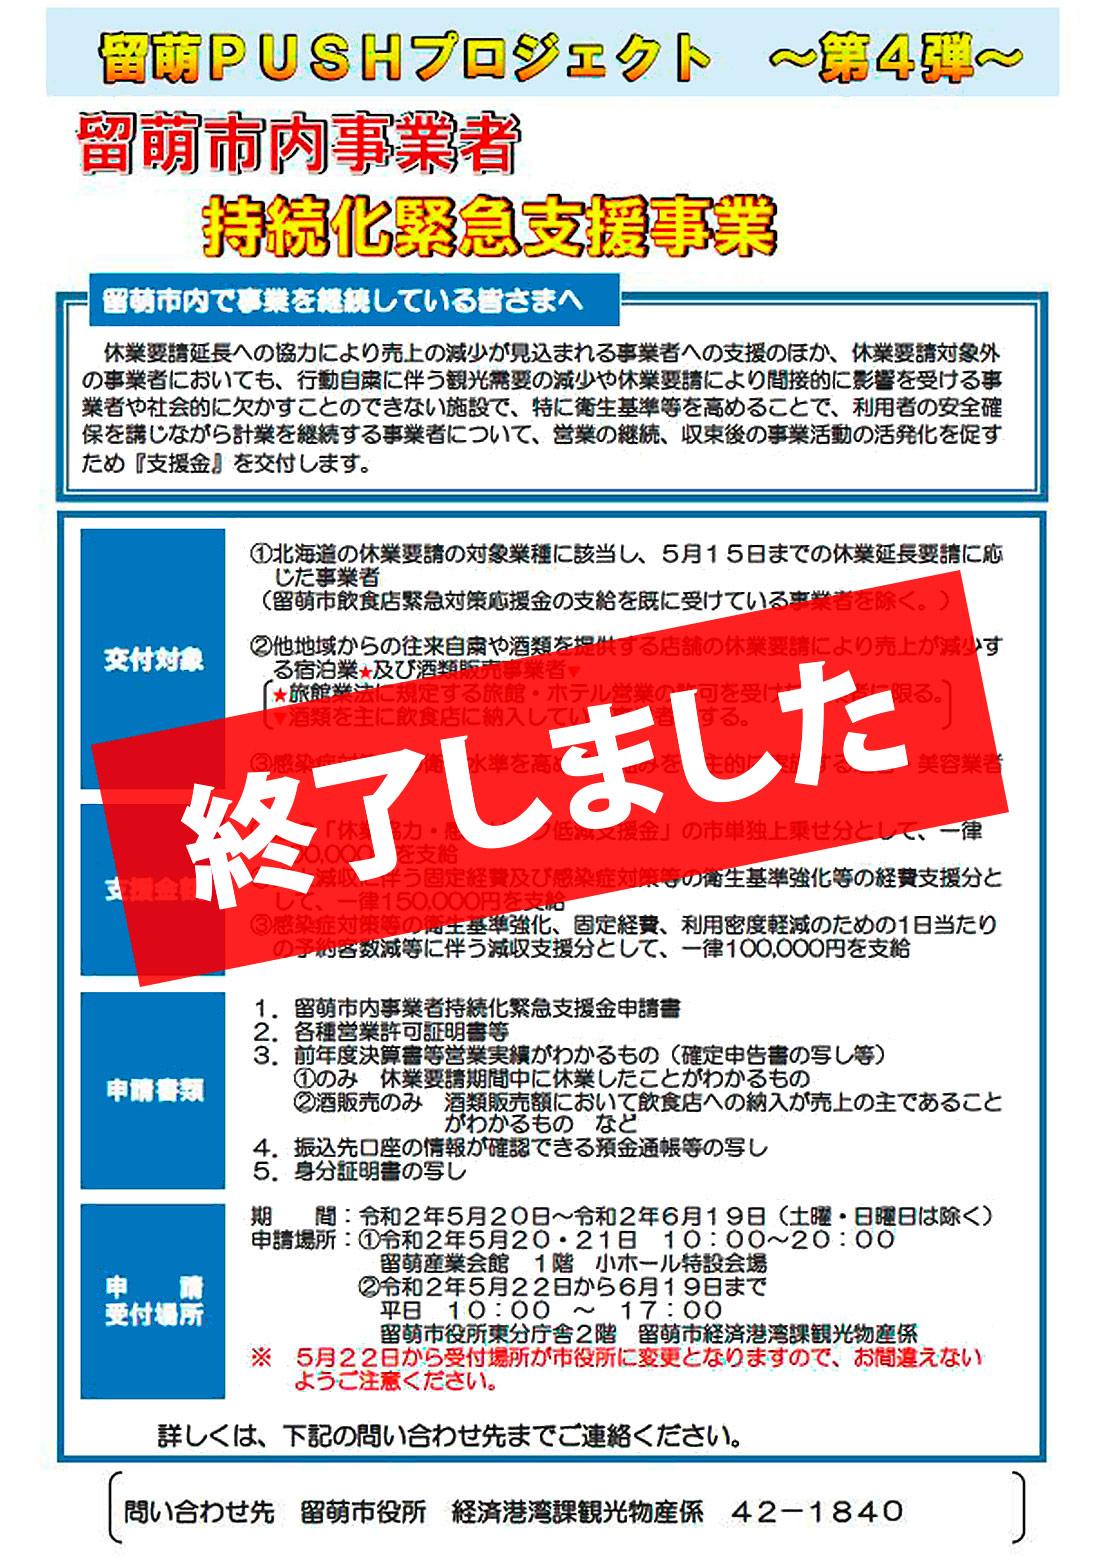 留萌PUSHプロジェクト 第4弾【留萌市内事業者持続化緊急支援事業】